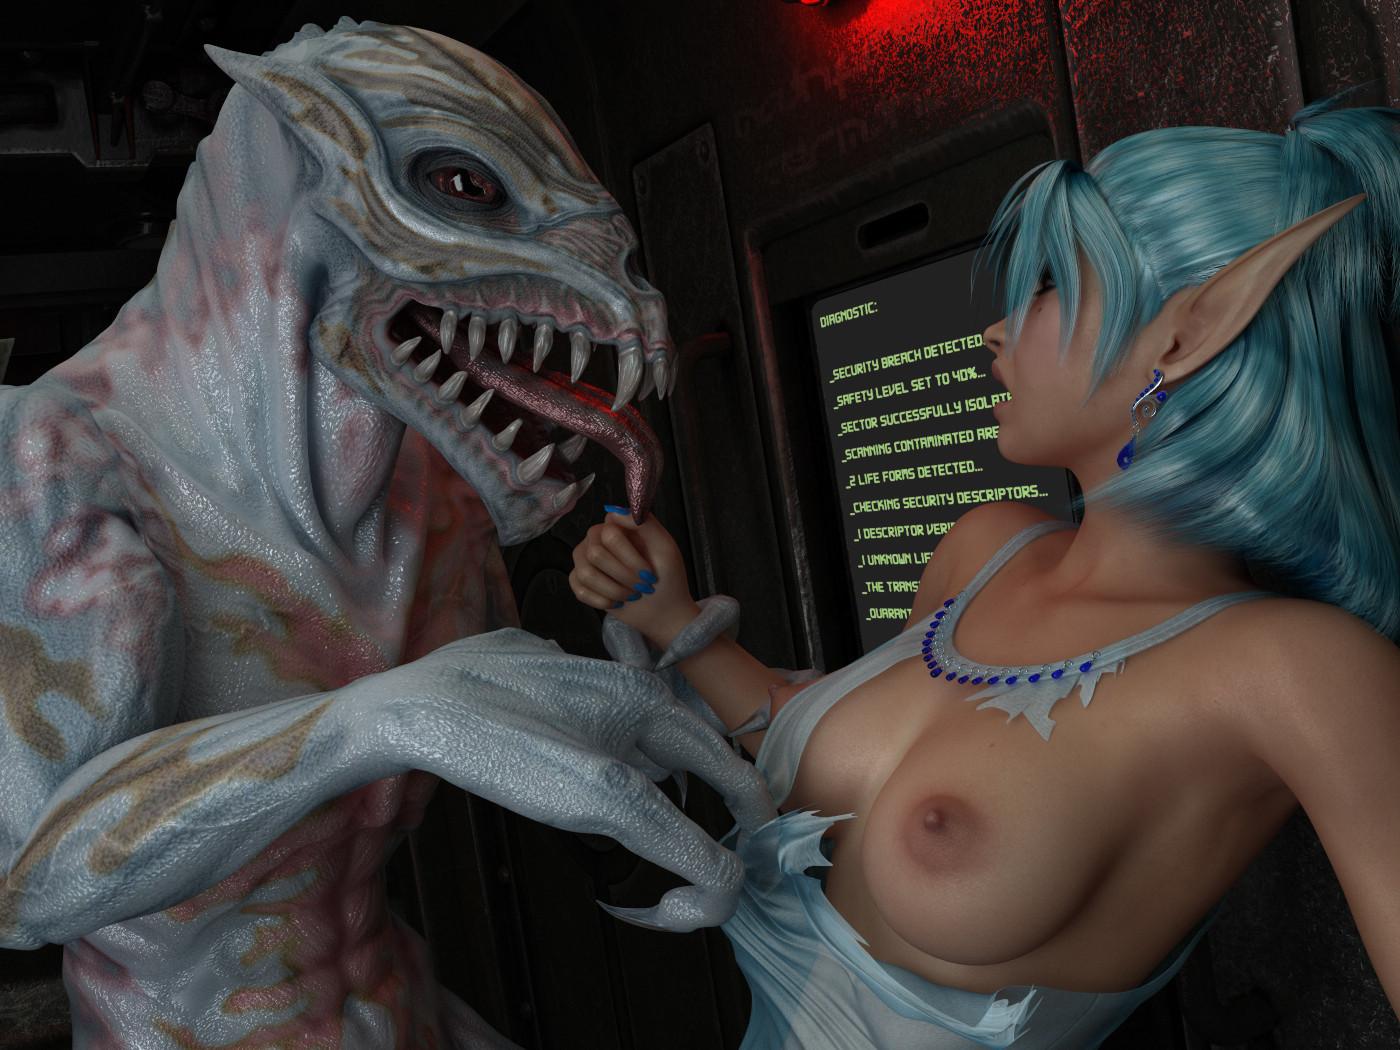 секс фильмы про пришельцев гуманоидов онлайн-ро2